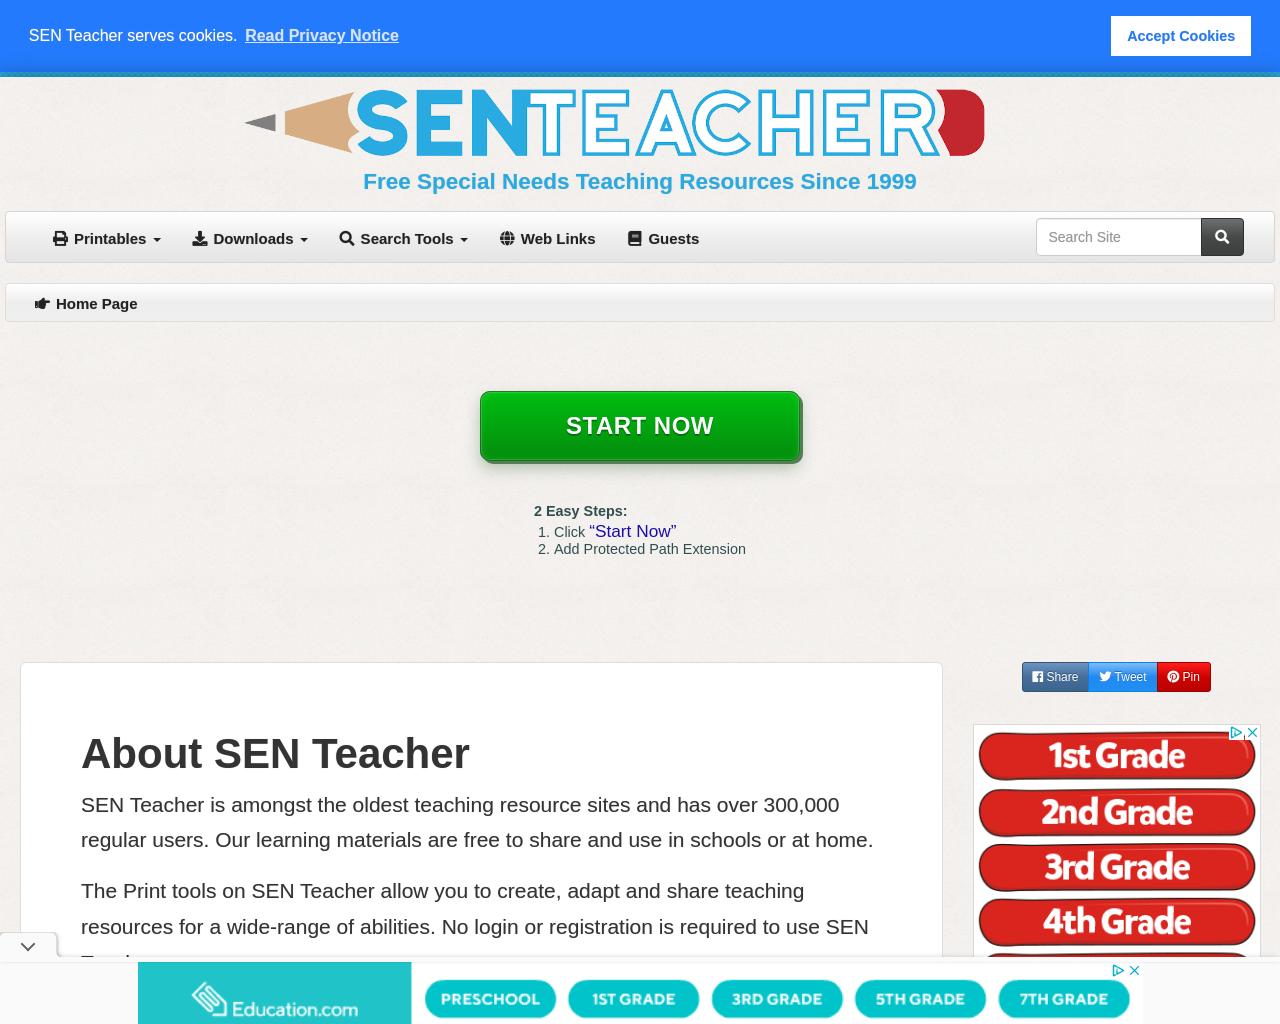 SEN teacher website